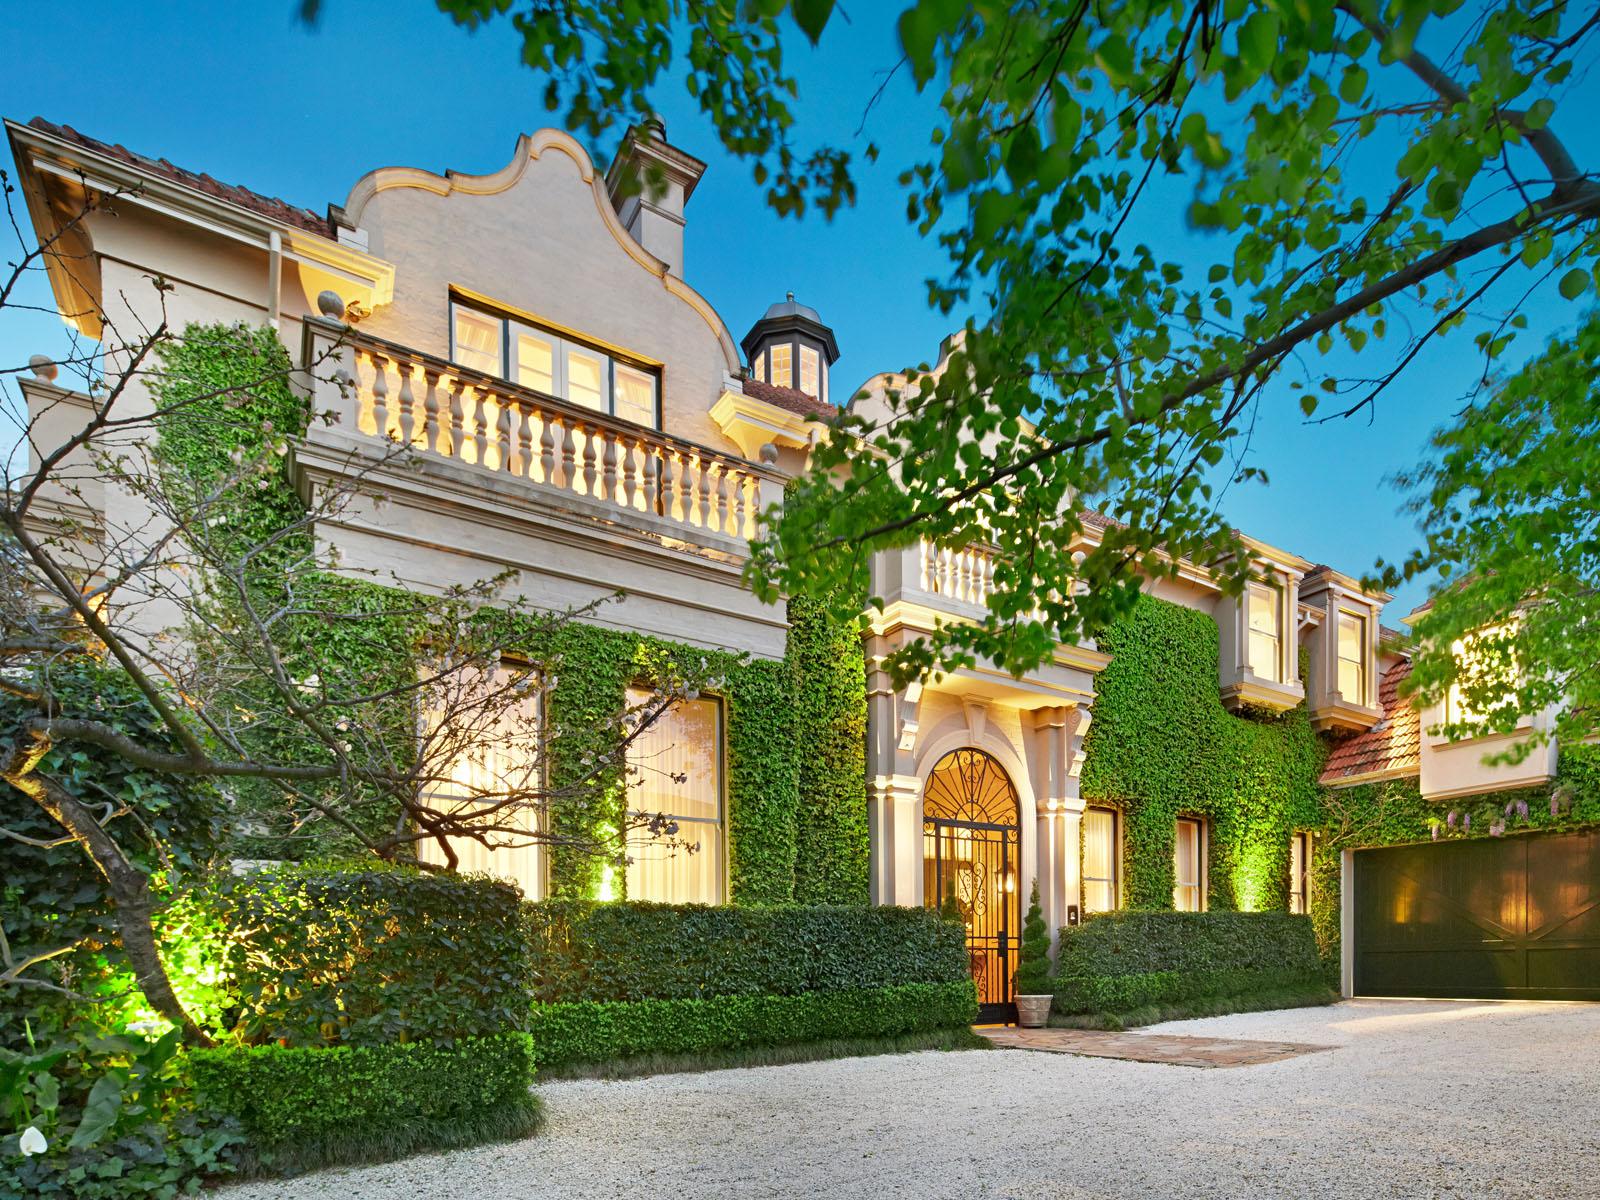 你知道为什么墨尔本全球最宜居吗?有钱人买房最便宜!